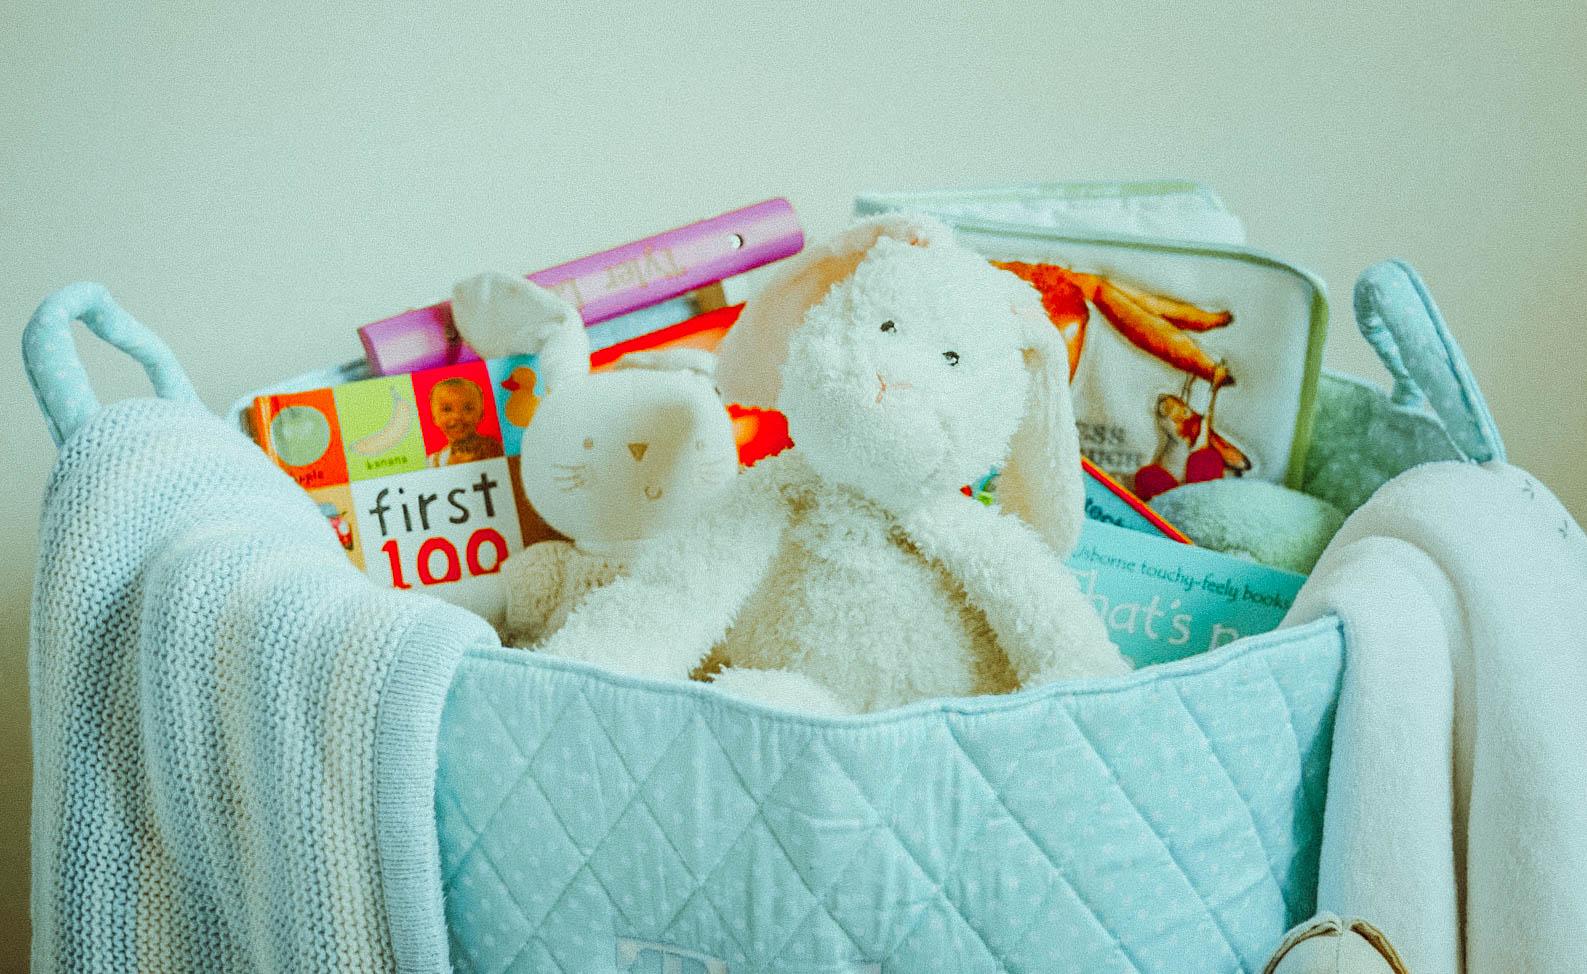 Storahe basket full of toys